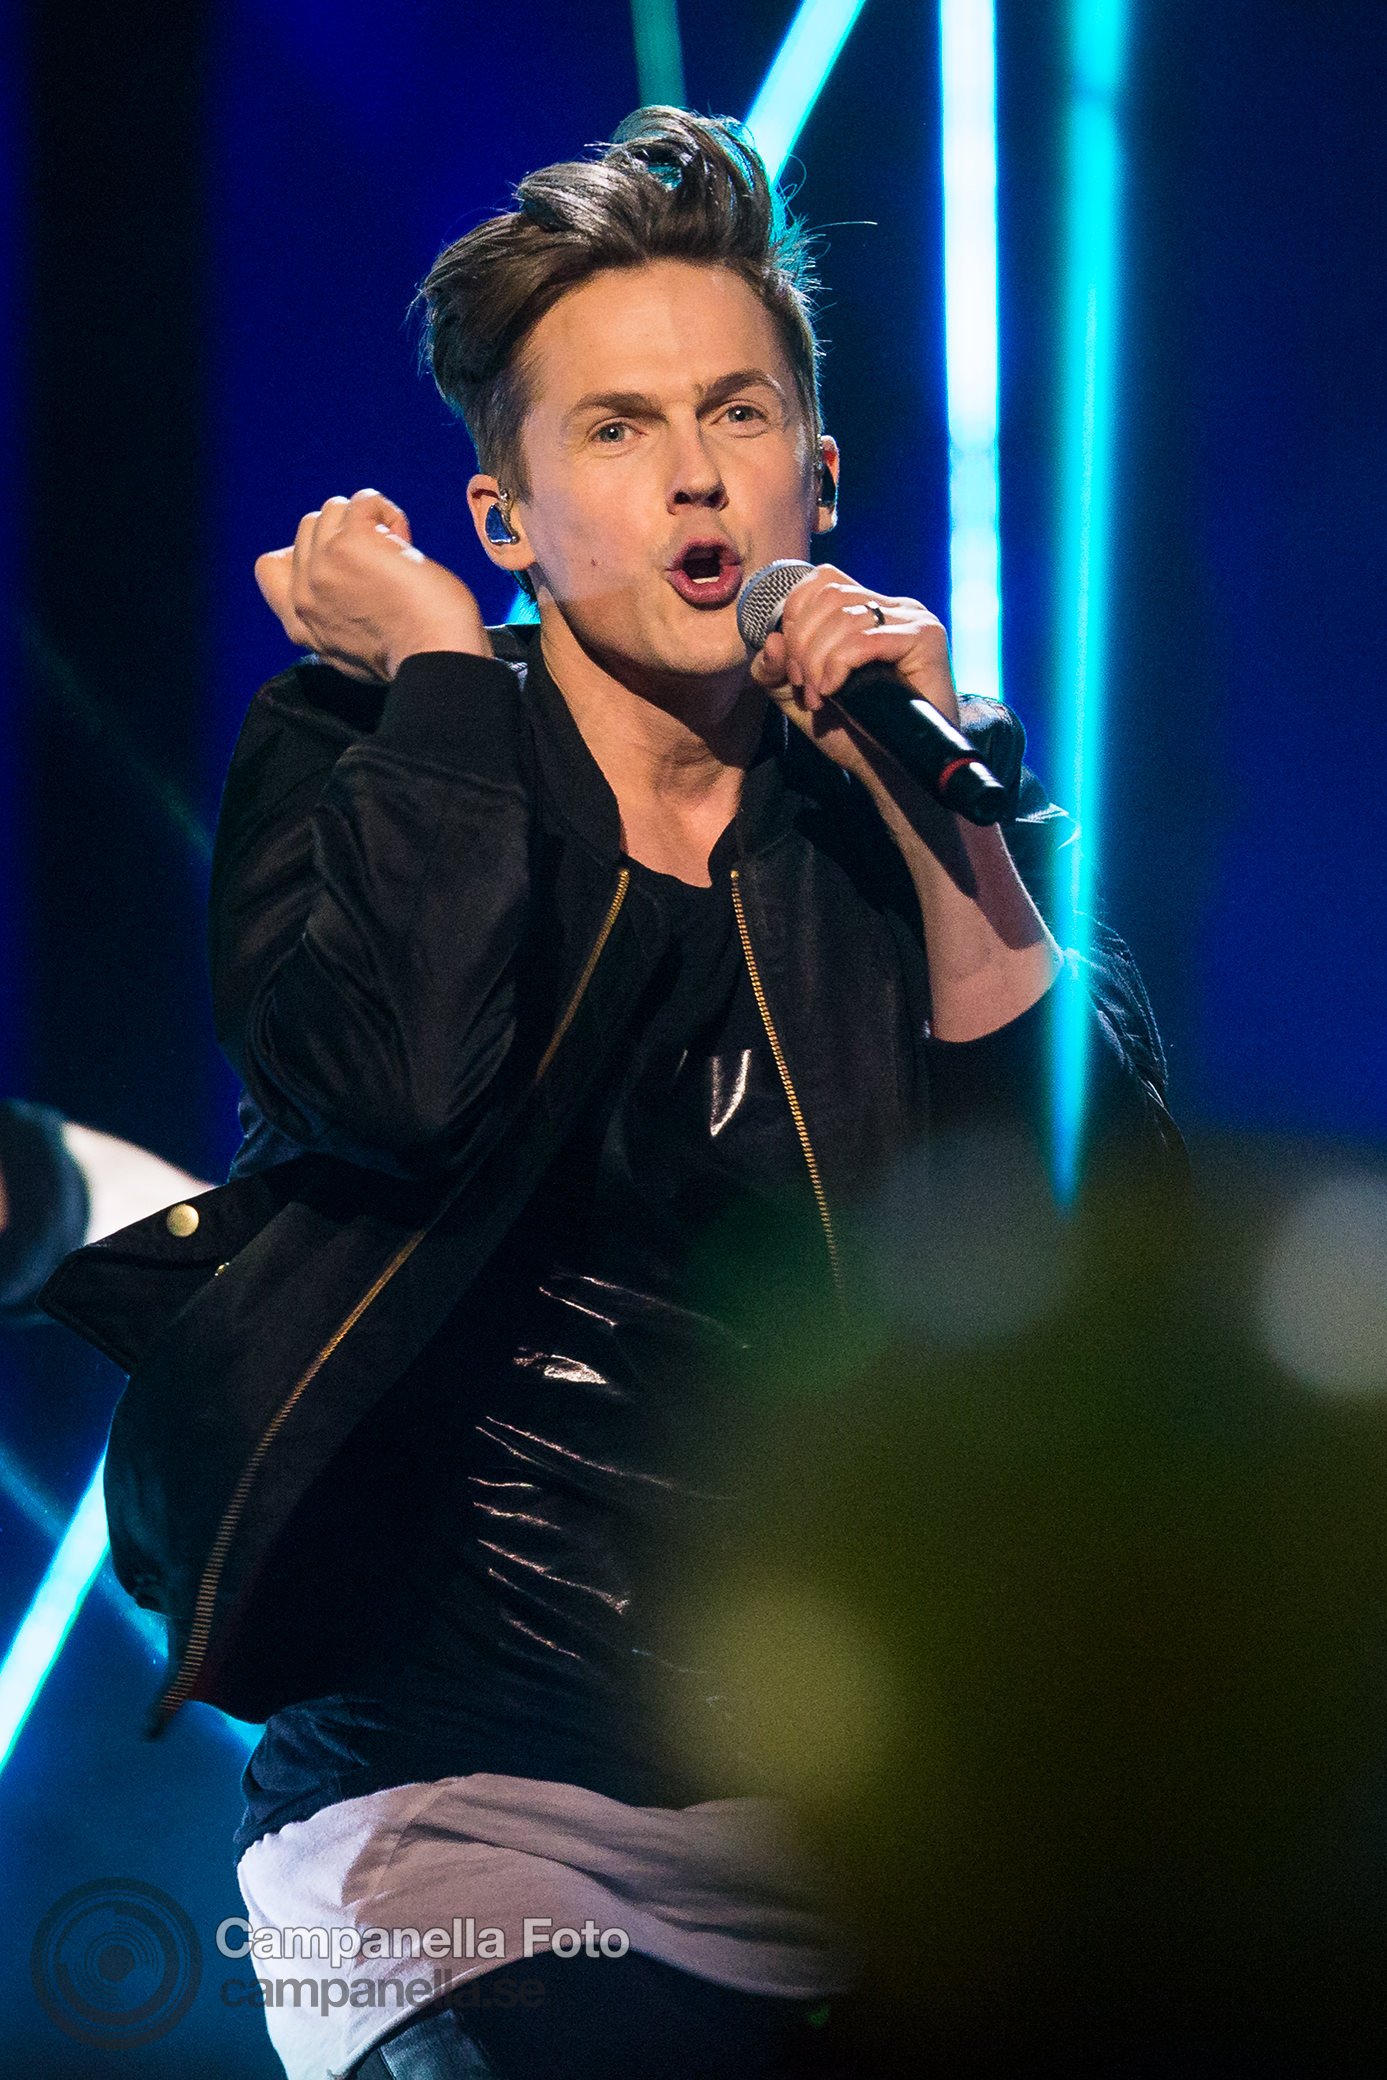 Melodifestivalen 2016 - Michael Campanella Photography